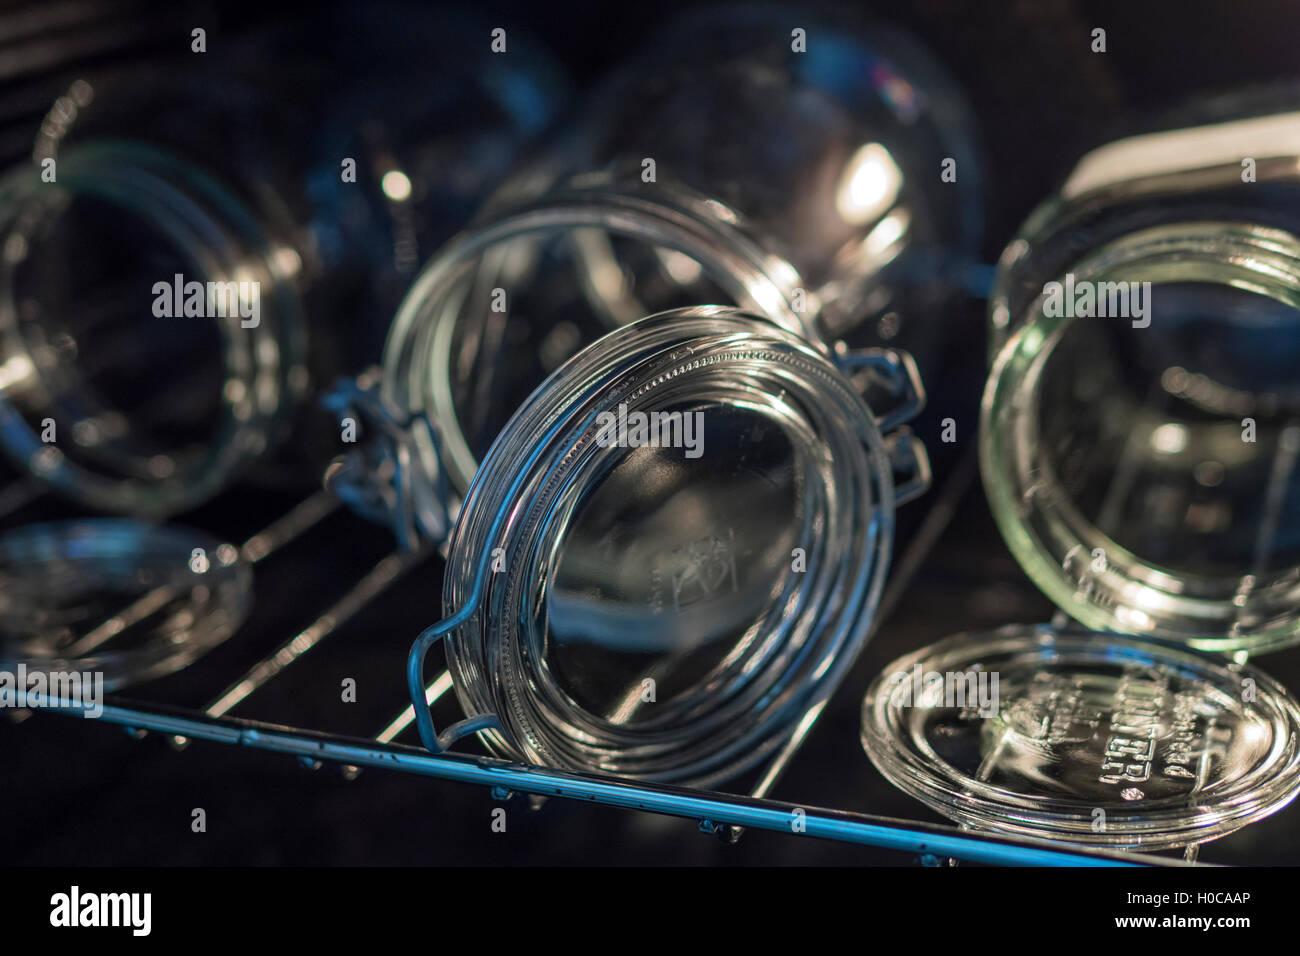 Sterilising kilner jars in the oven - Stock Image